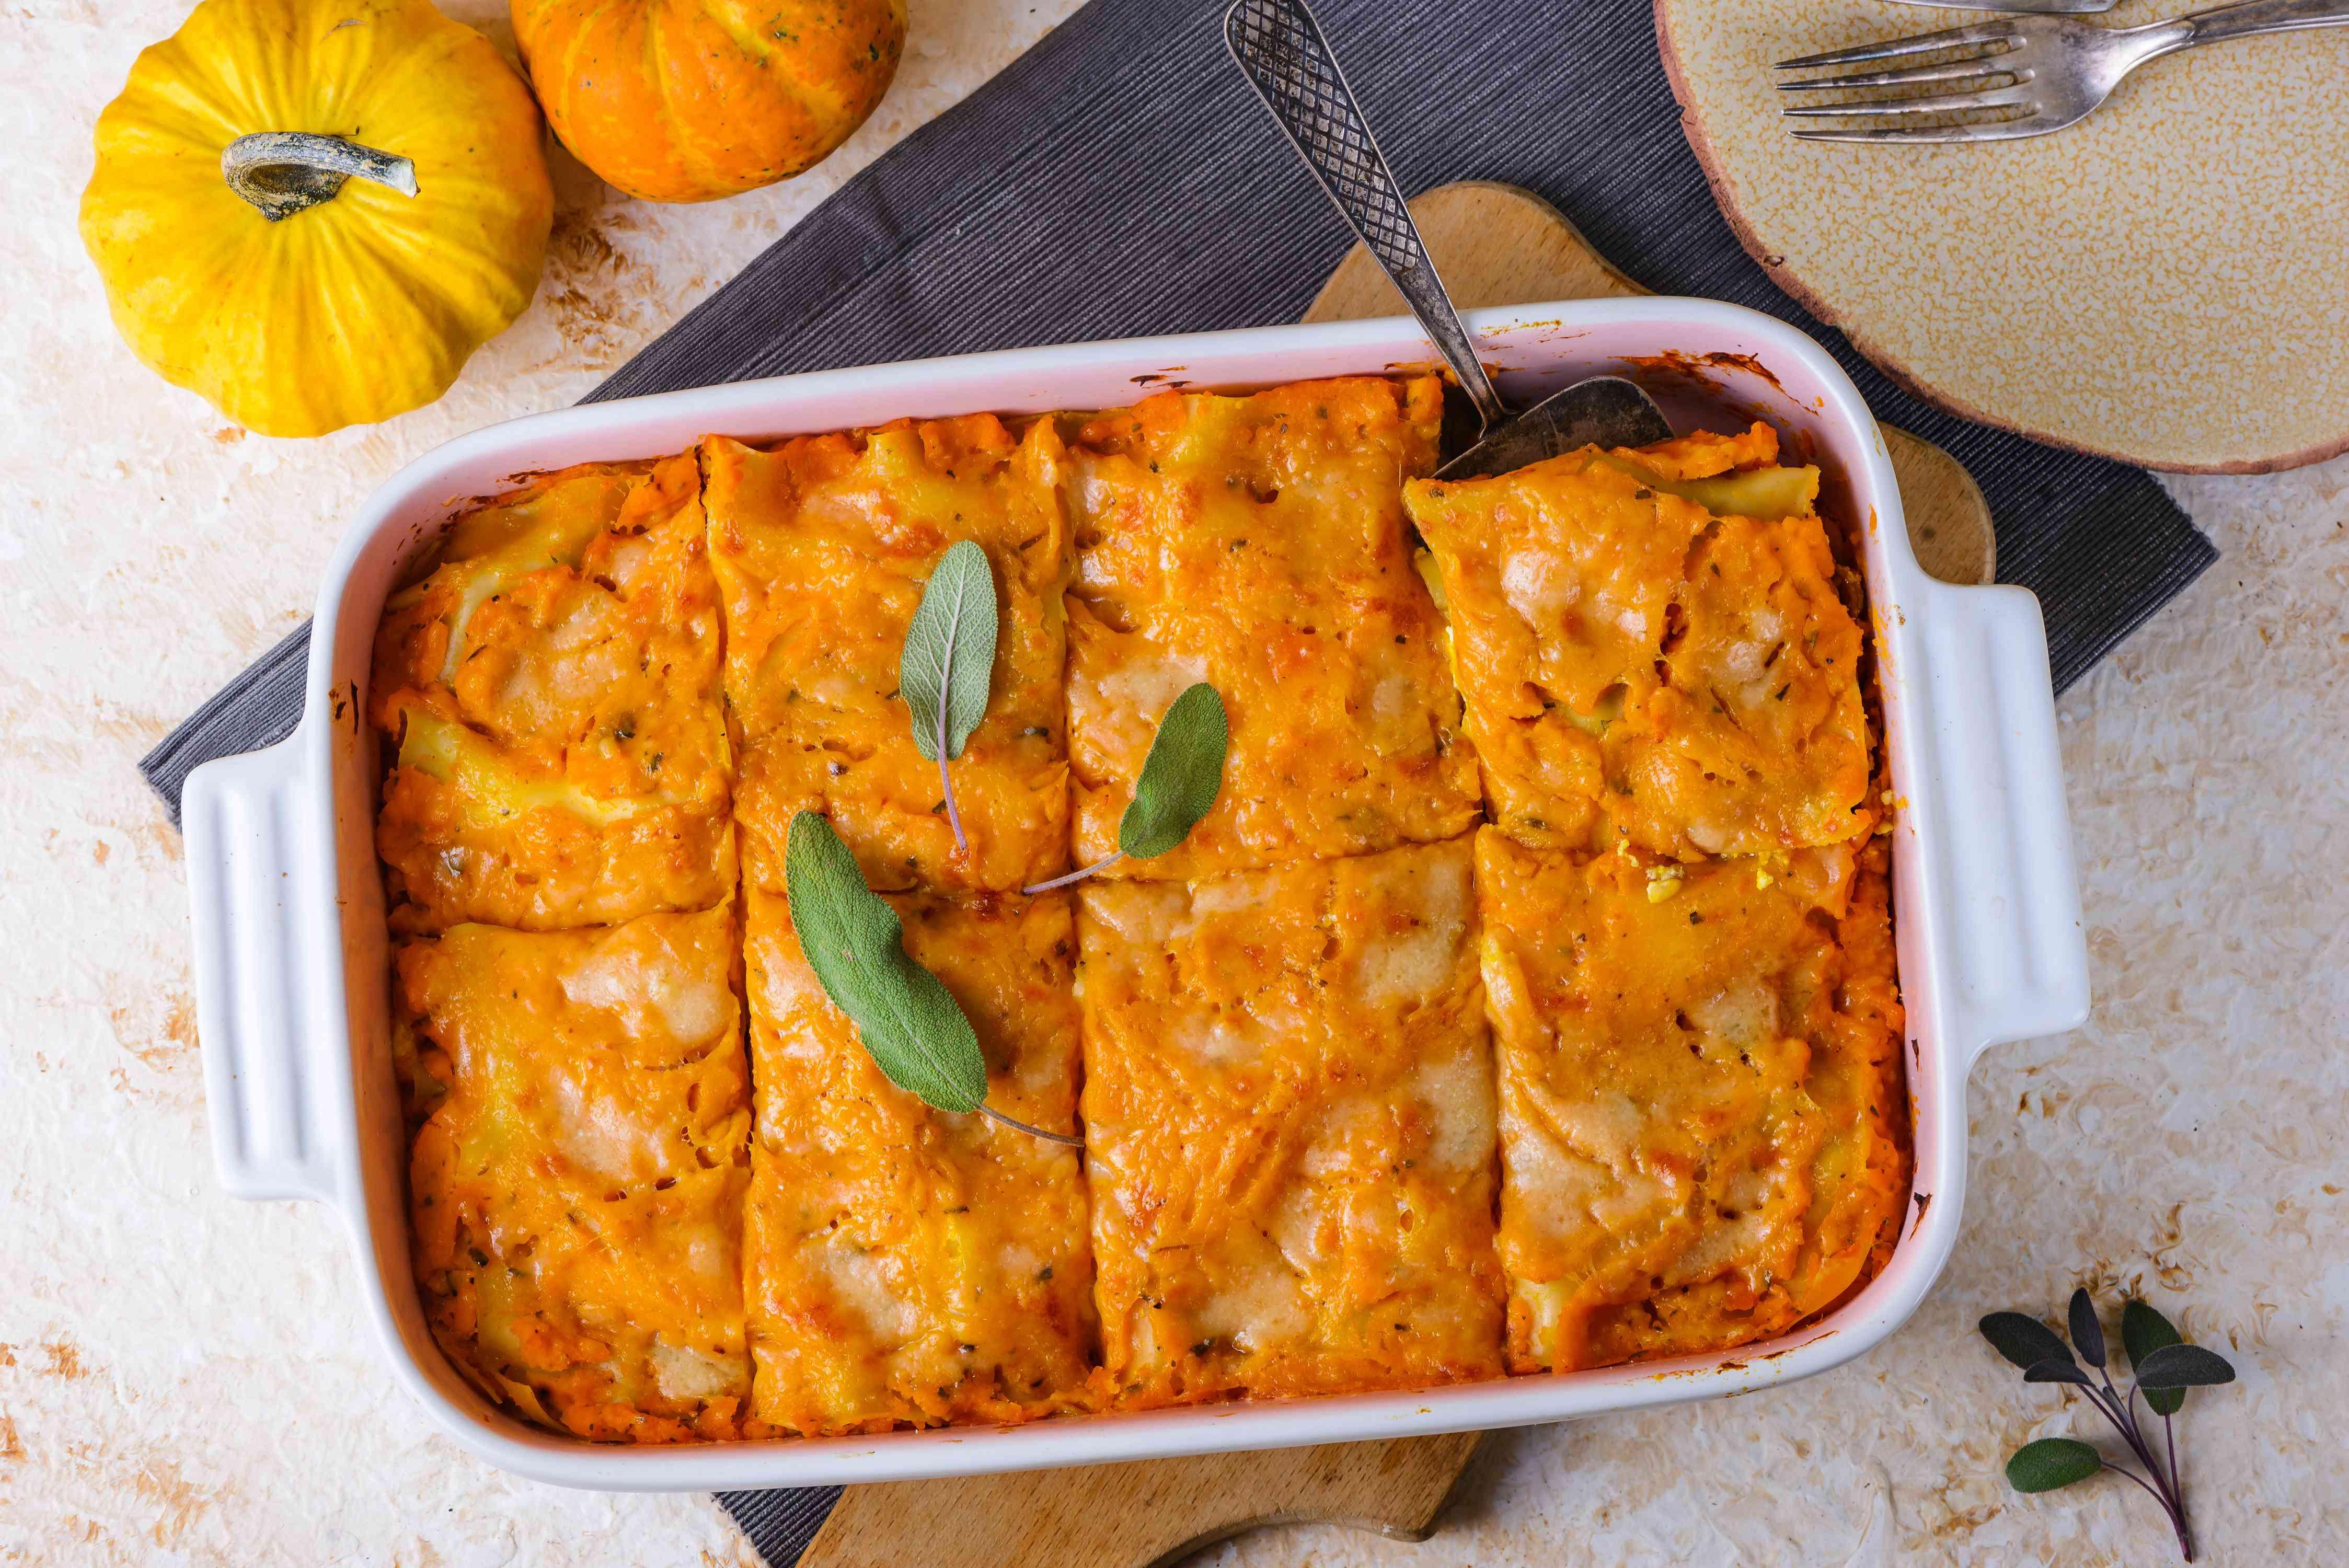 Slice lasagna